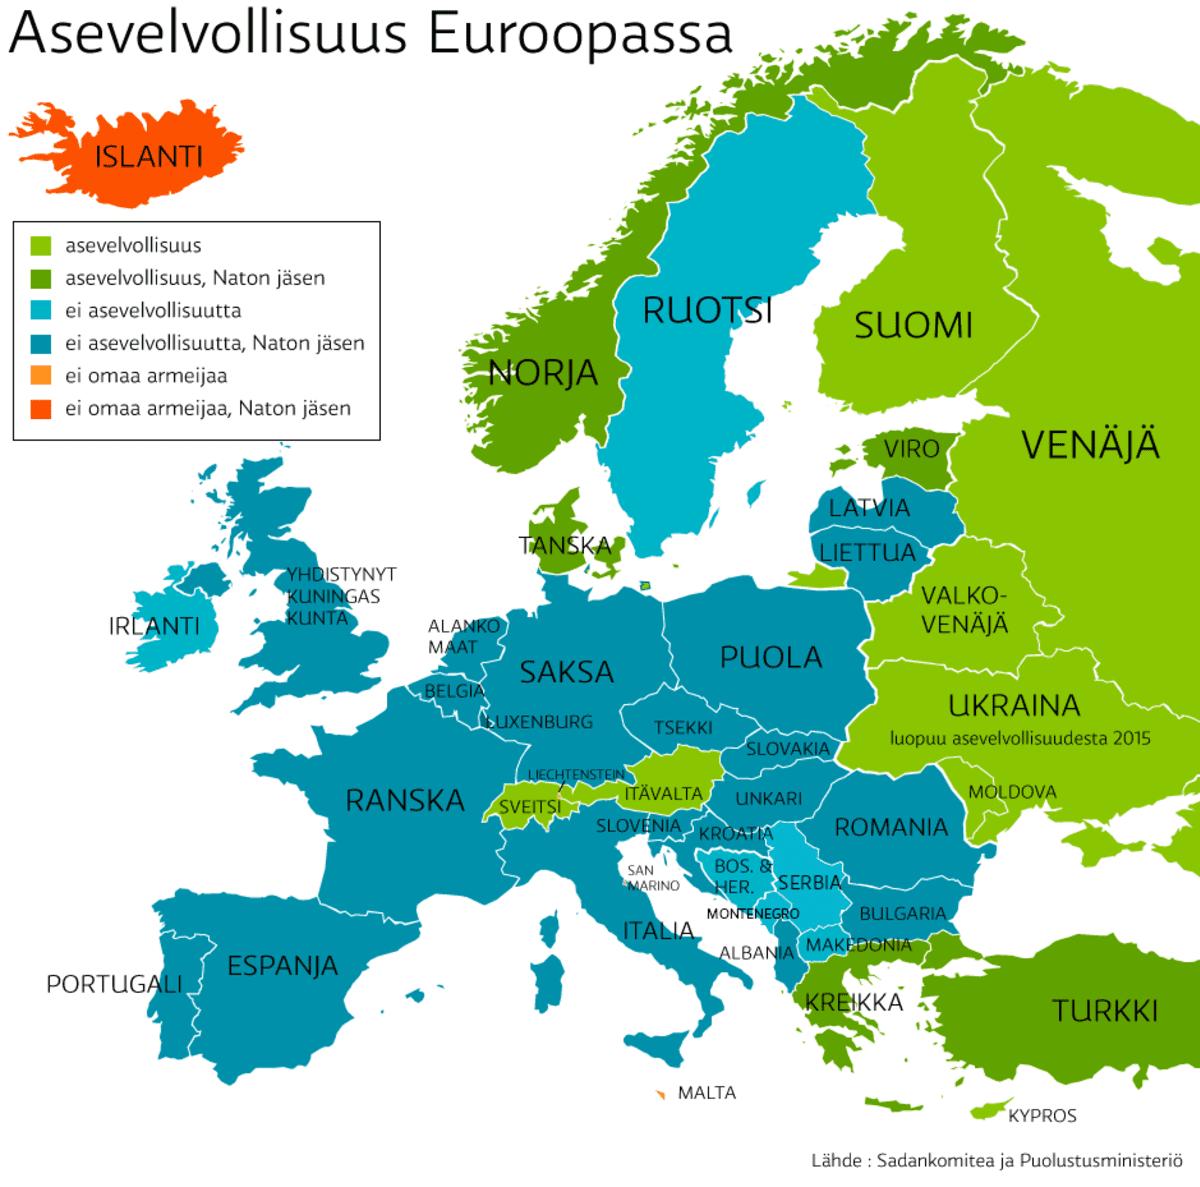 Suuri osa Euroopan maista on luopunut asevelvollisuudesta ja kuuluu sotilasliitto NATOon.